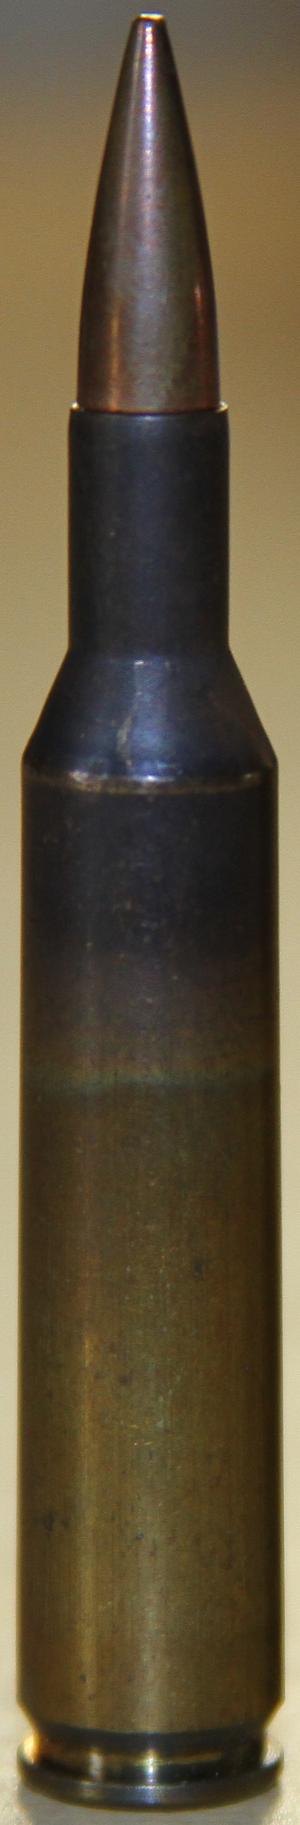 4.85×49mm - Image: 485v 2